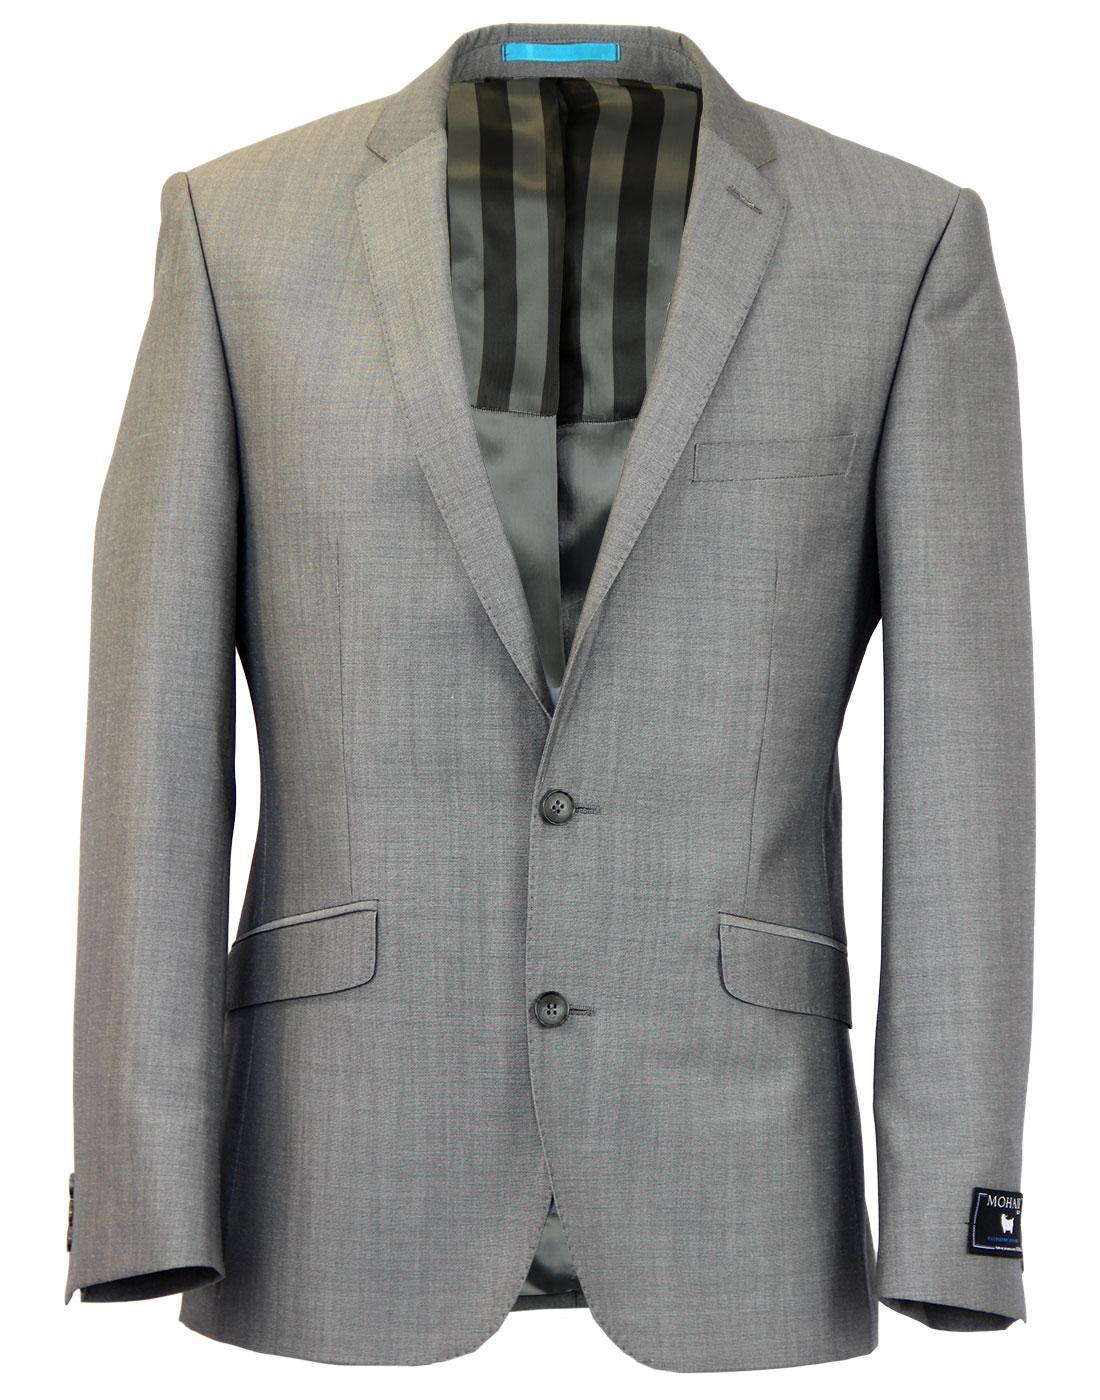 Retro 60s Mod Mohair Blend 2 Button Suit Jacket S